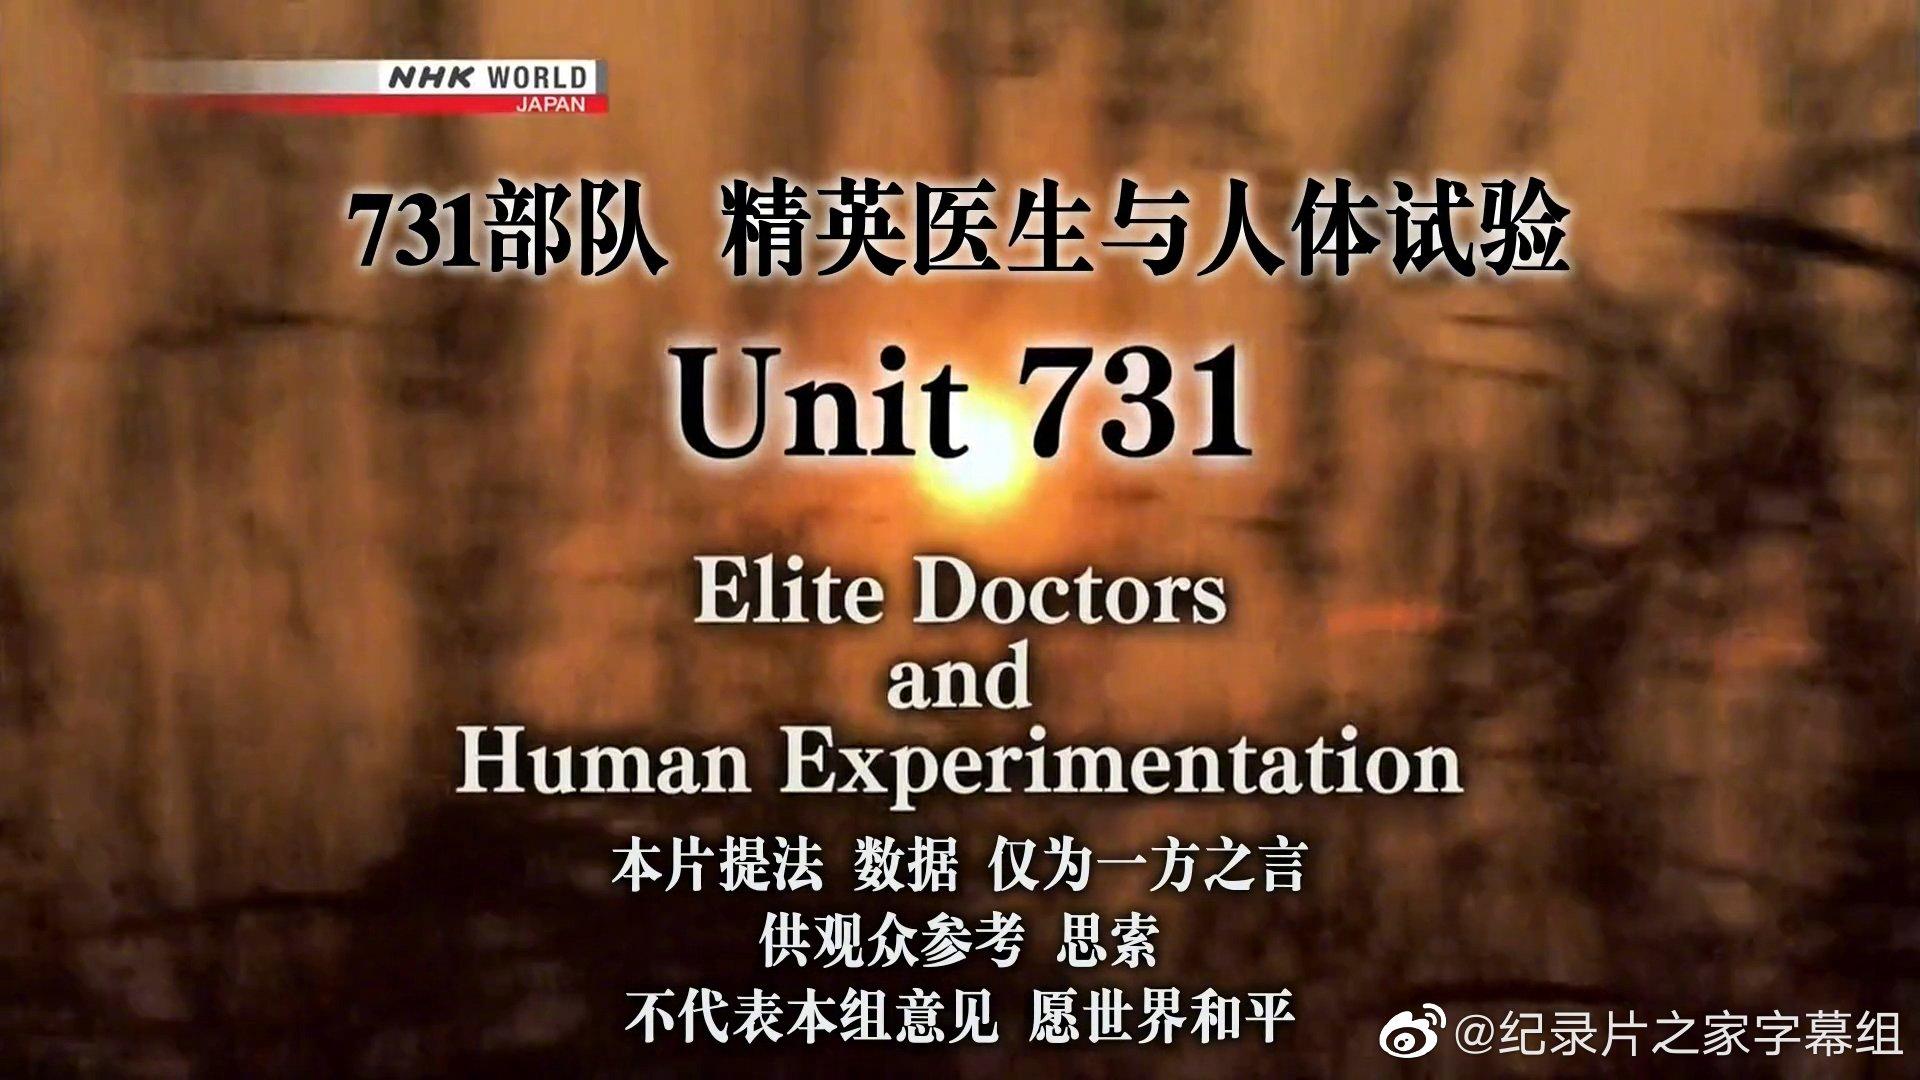 纪录片 731部队 精英医生与人体试验 Unit 731 - Elite Doctors and H